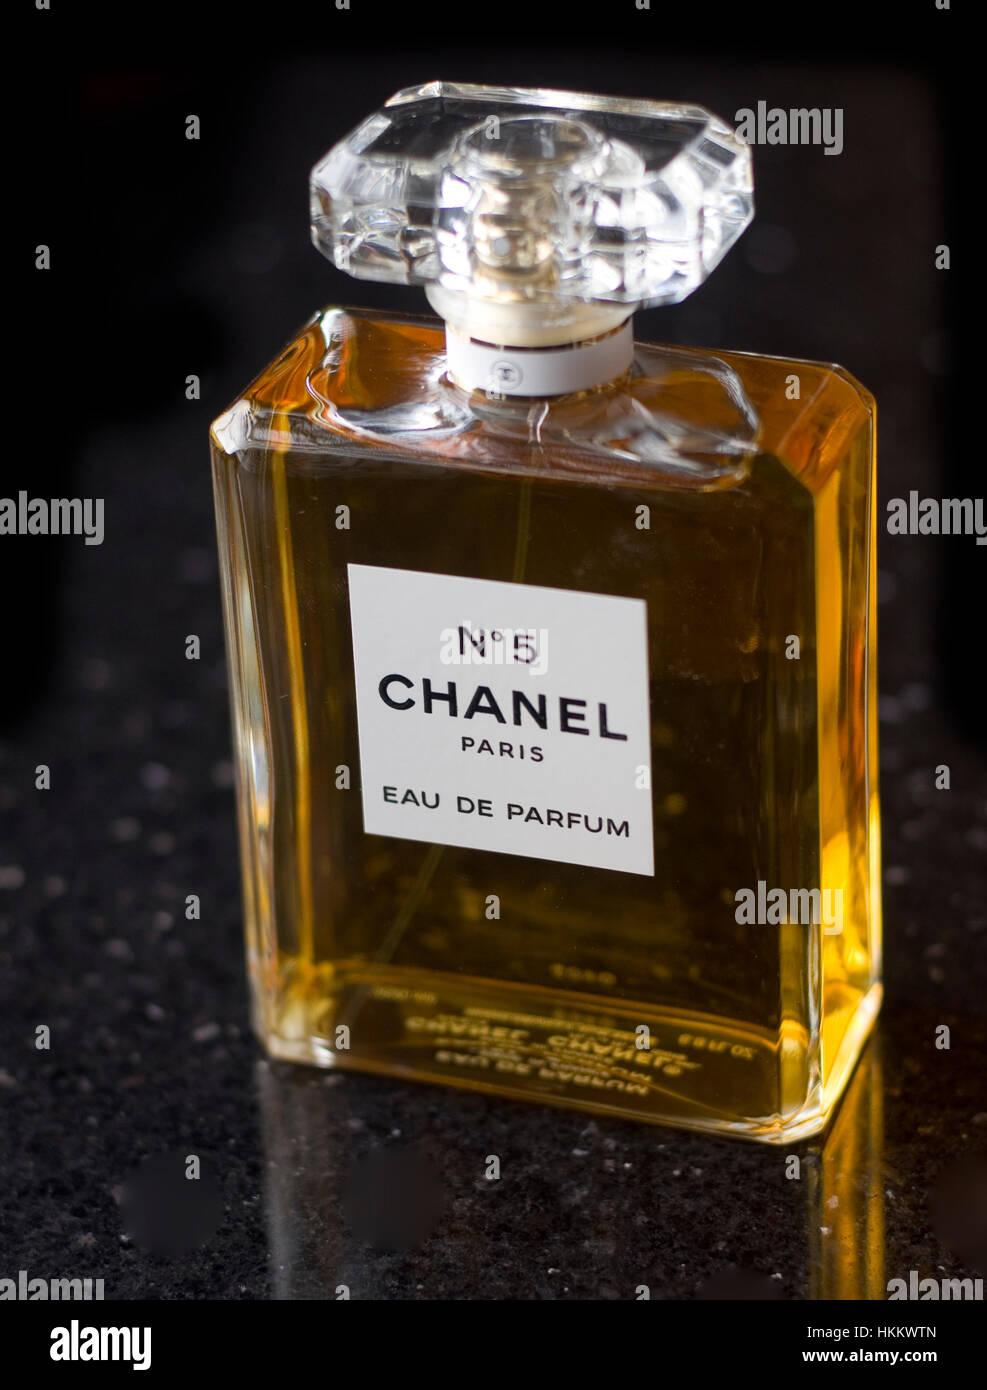 flacon de parfum chanel num ro 5 banque d 39 images photo. Black Bedroom Furniture Sets. Home Design Ideas